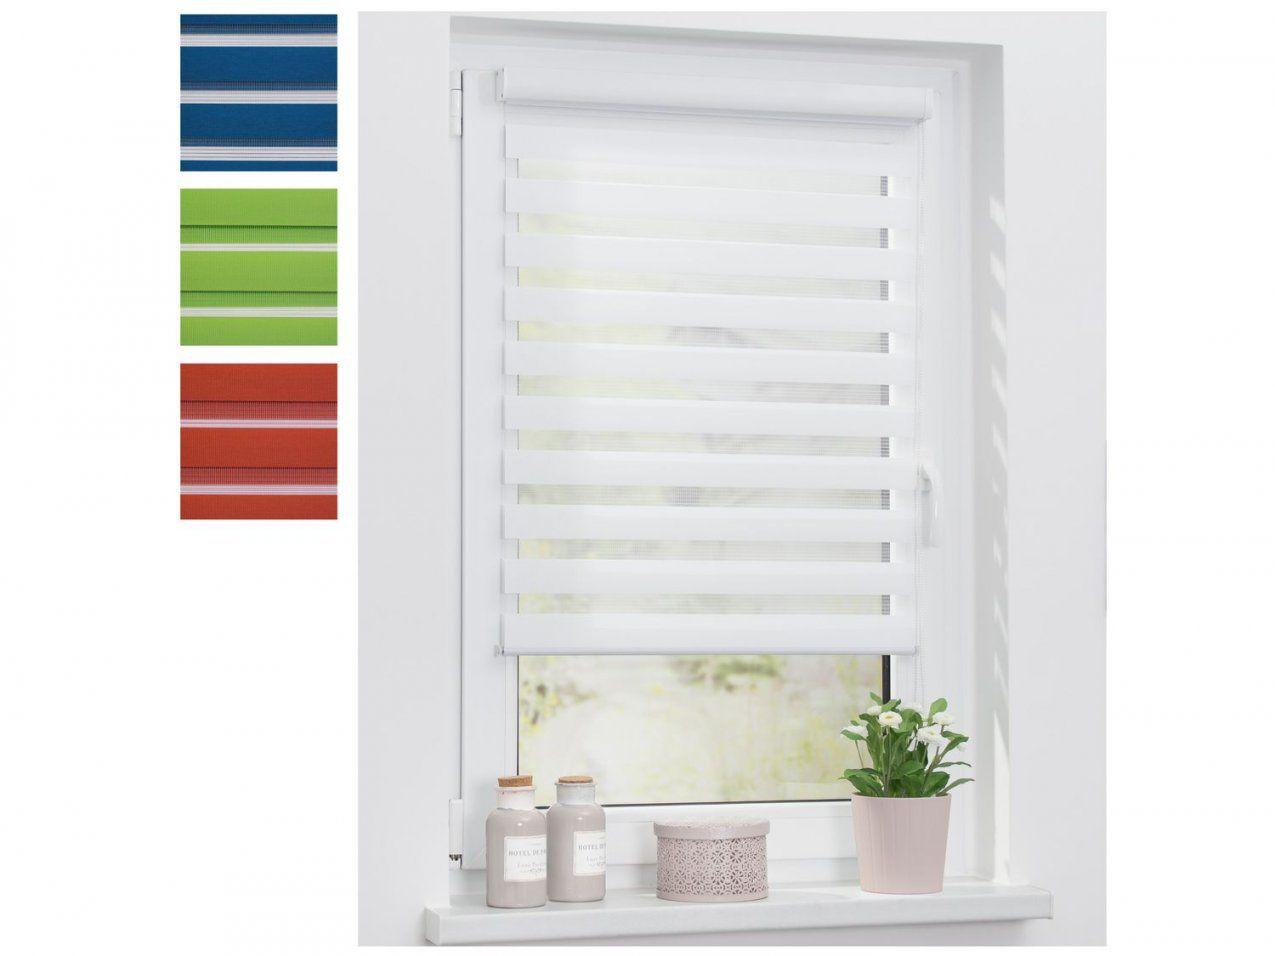 Klemm Jalousien Für Fenster Innen Tt49 – Hitoiro von Rollo Ins Fenster Klemmen Bild